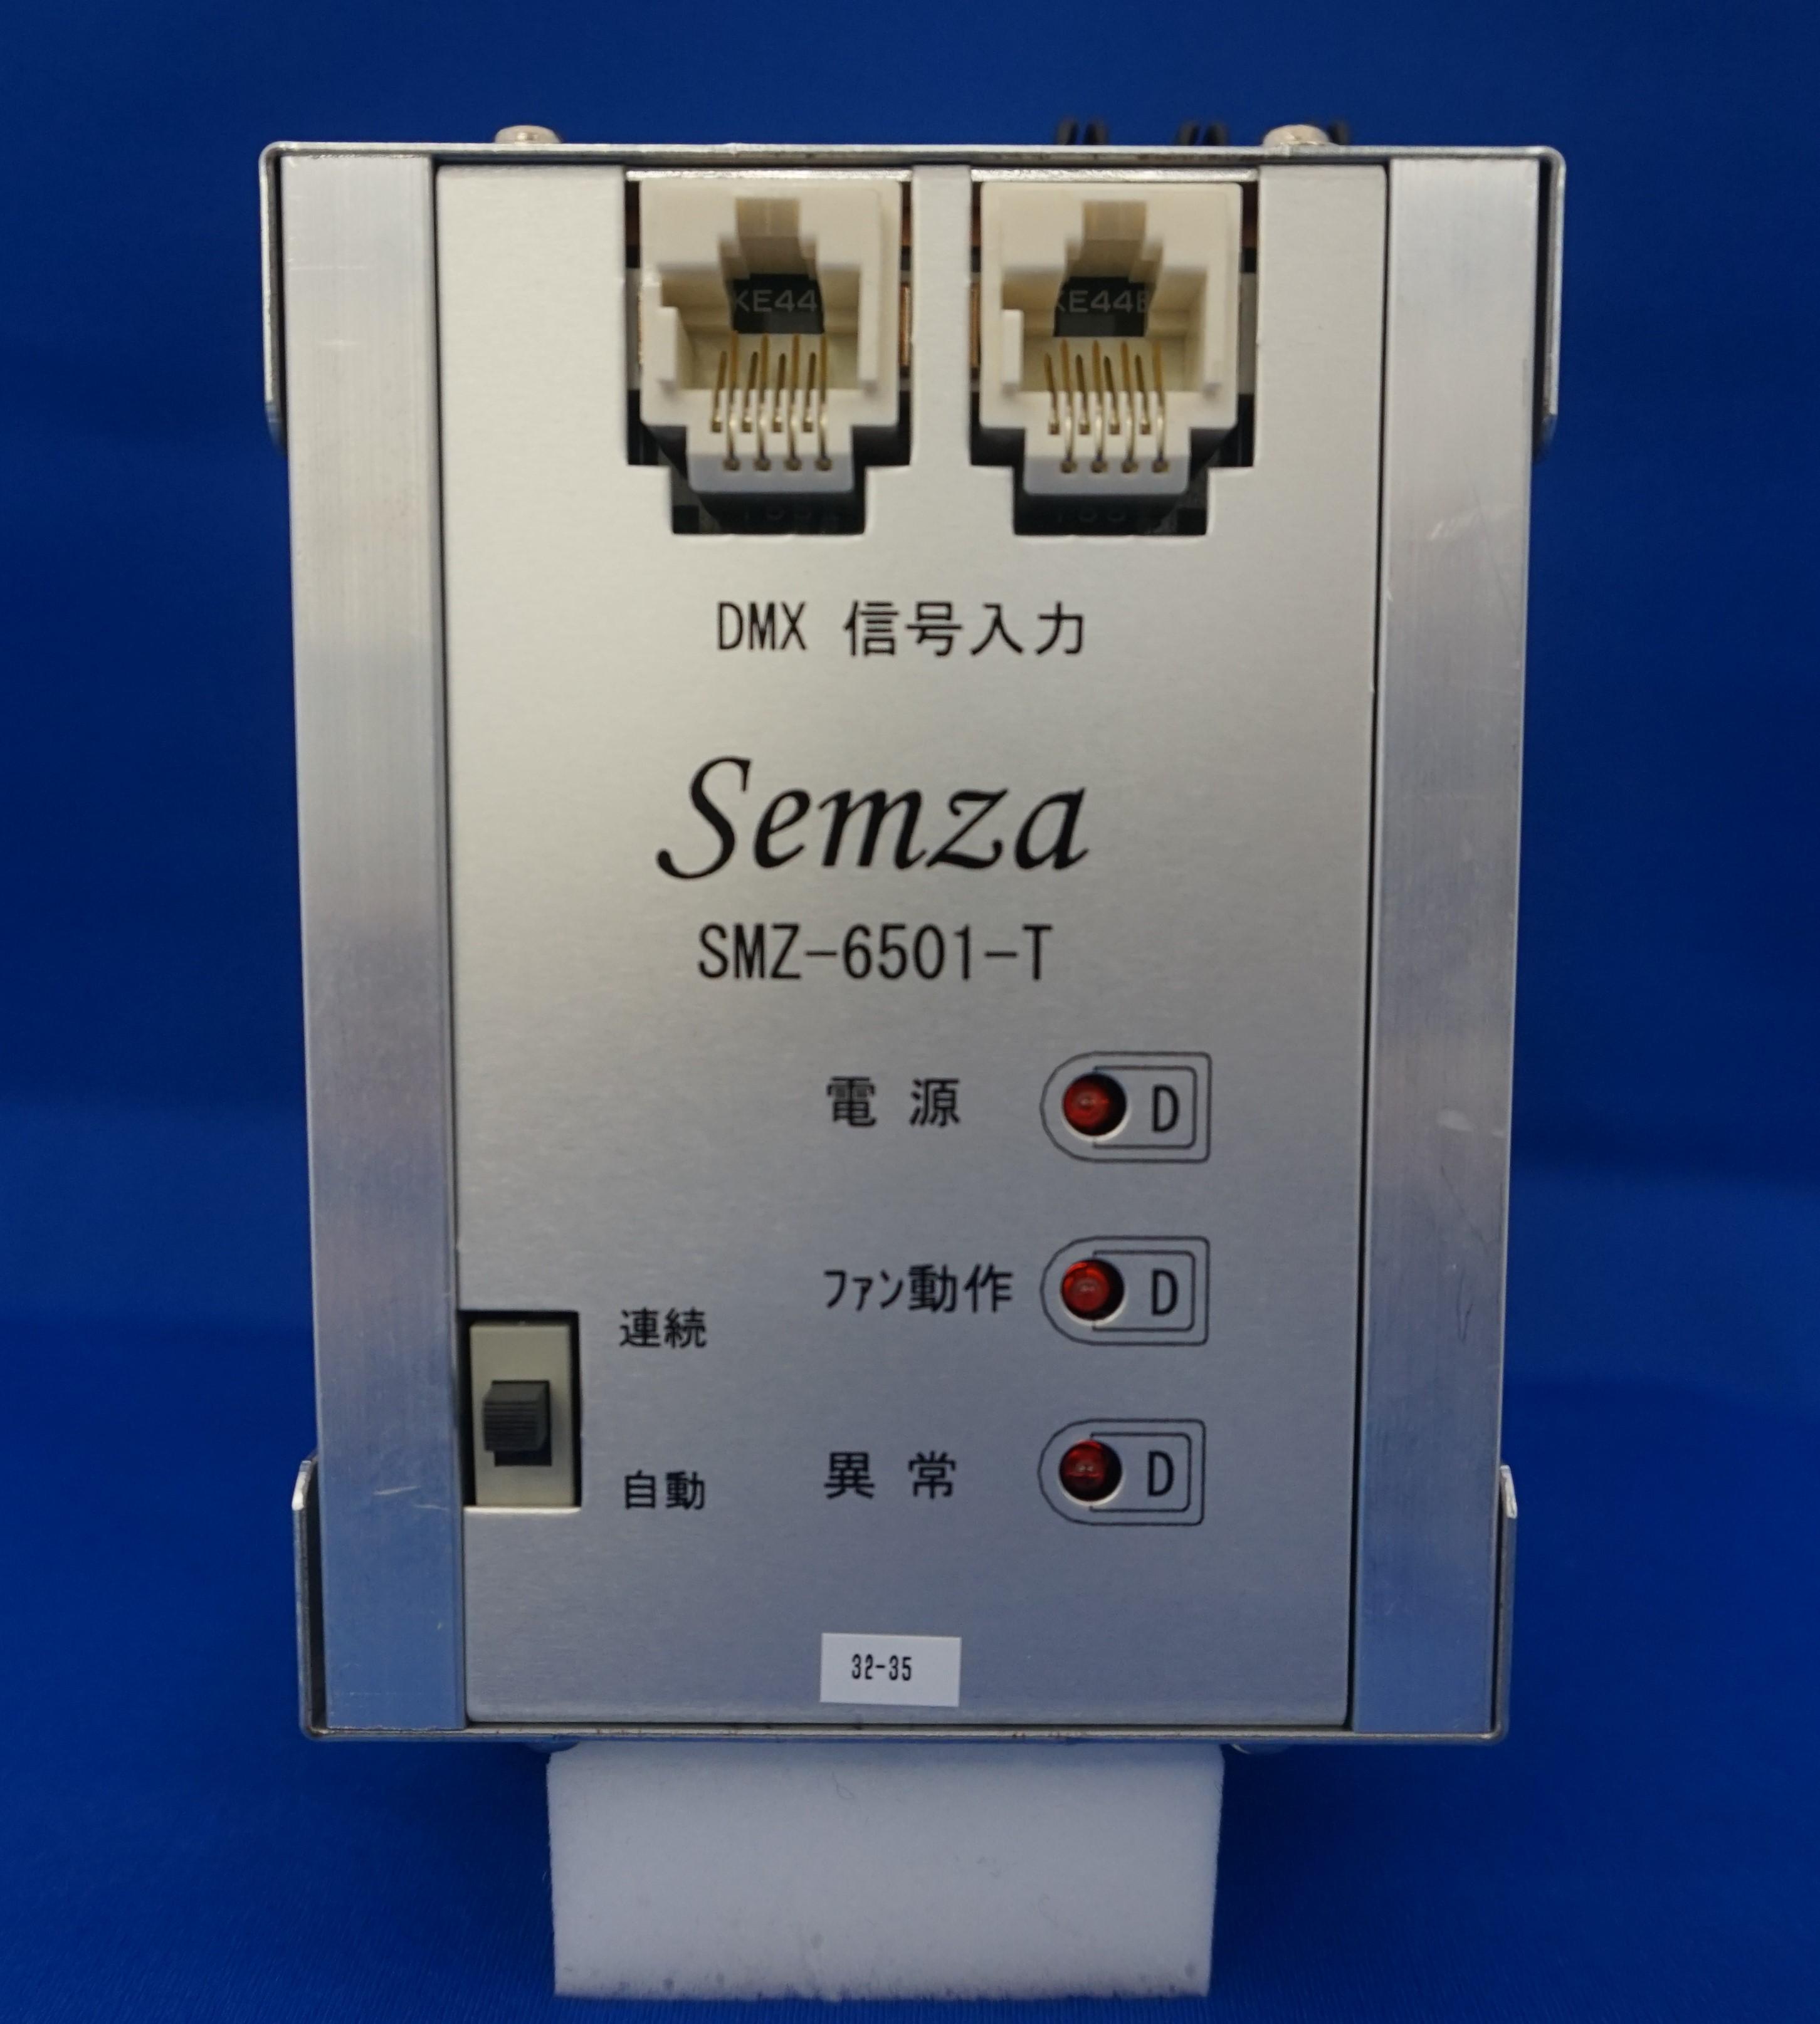 SMZ-6501-T